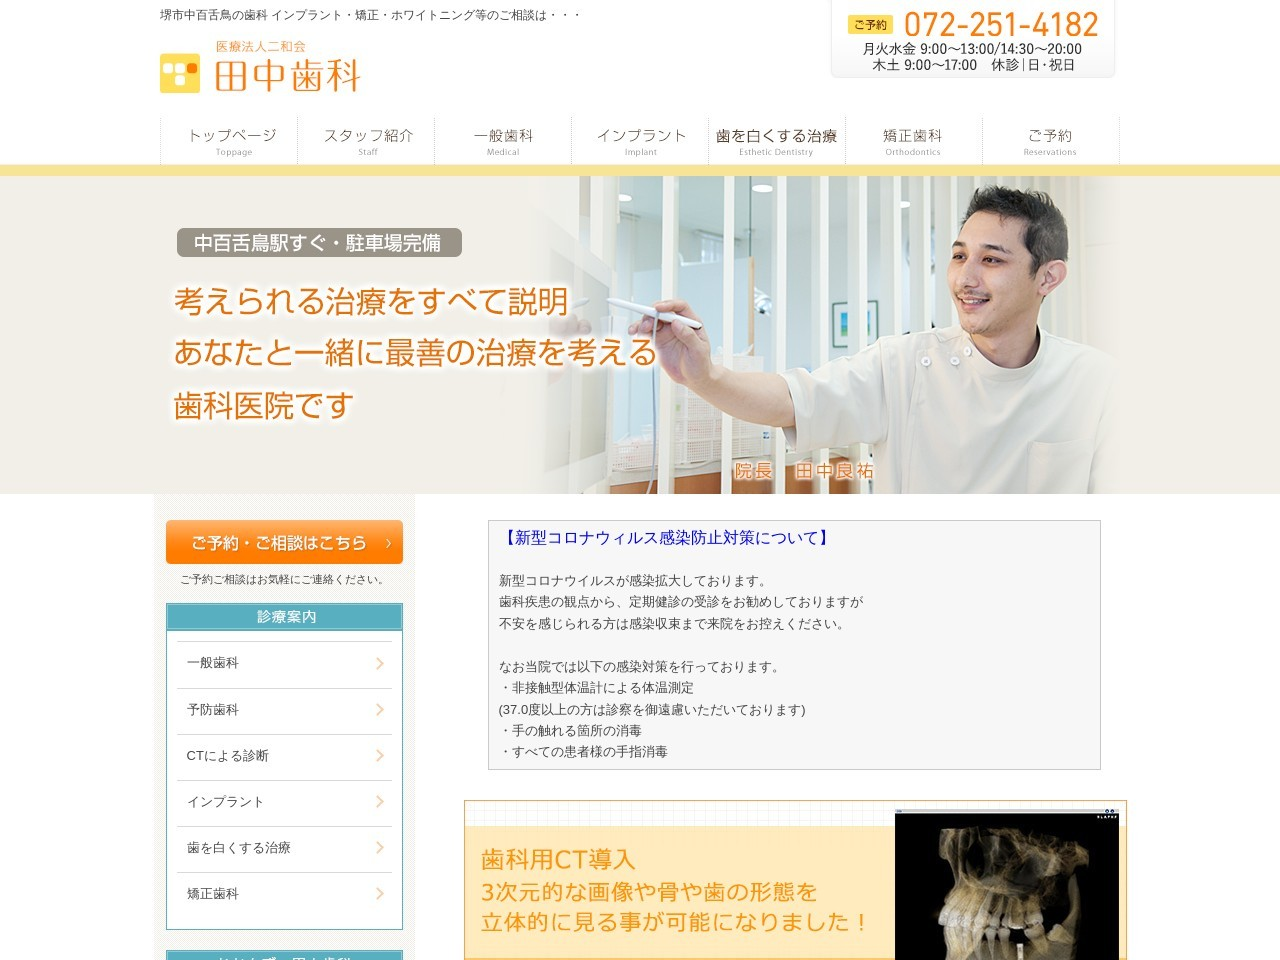 医療法人二和会  なかもず田中歯科 (大阪府堺市北区)